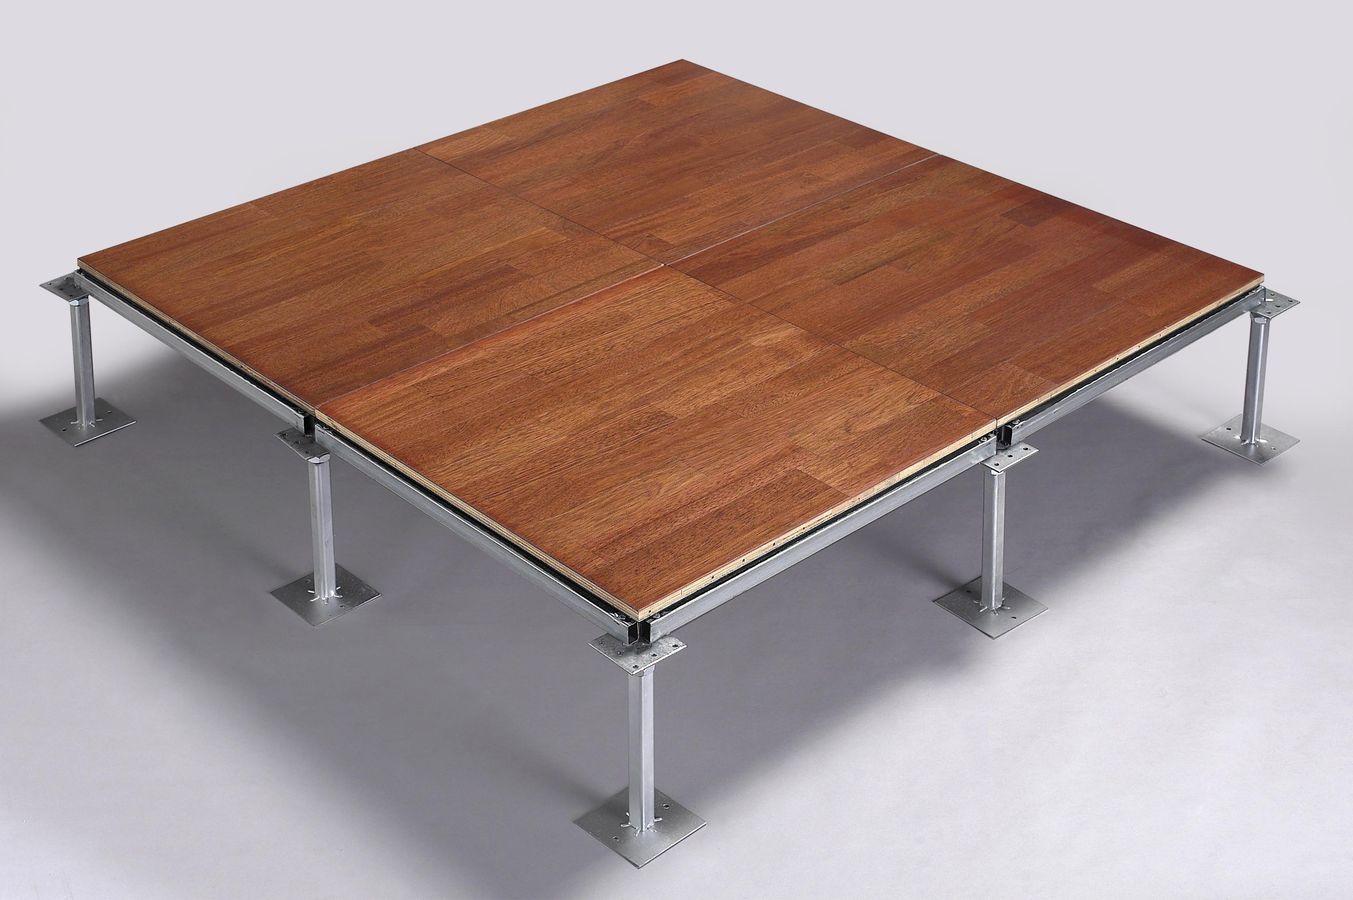 planchers en bois agglom r tunisie. Black Bedroom Furniture Sets. Home Design Ideas